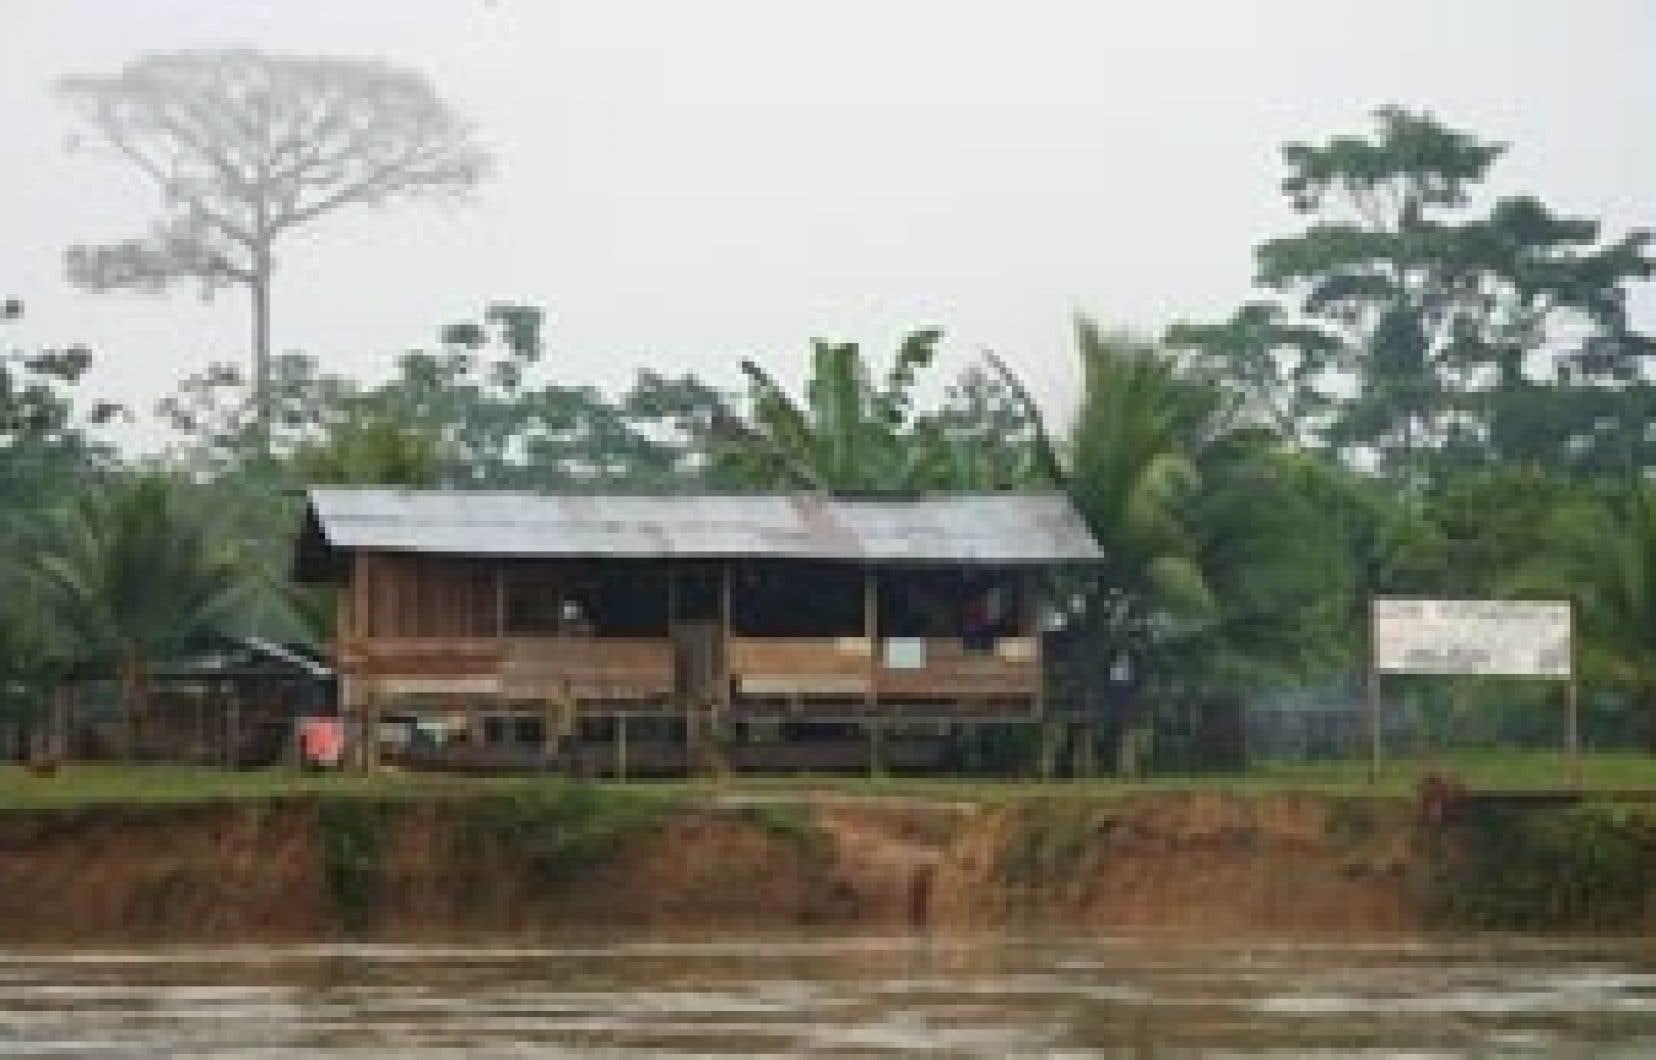 Installée le long de la rivière Jiguamiando, la communauté métisse de Nueva Esperanza a été maintes fois forcée à l'exil. En raison de leur potentiel pour la culture de la palme africaine, leurs terres fertiles sont hautement convoitées.